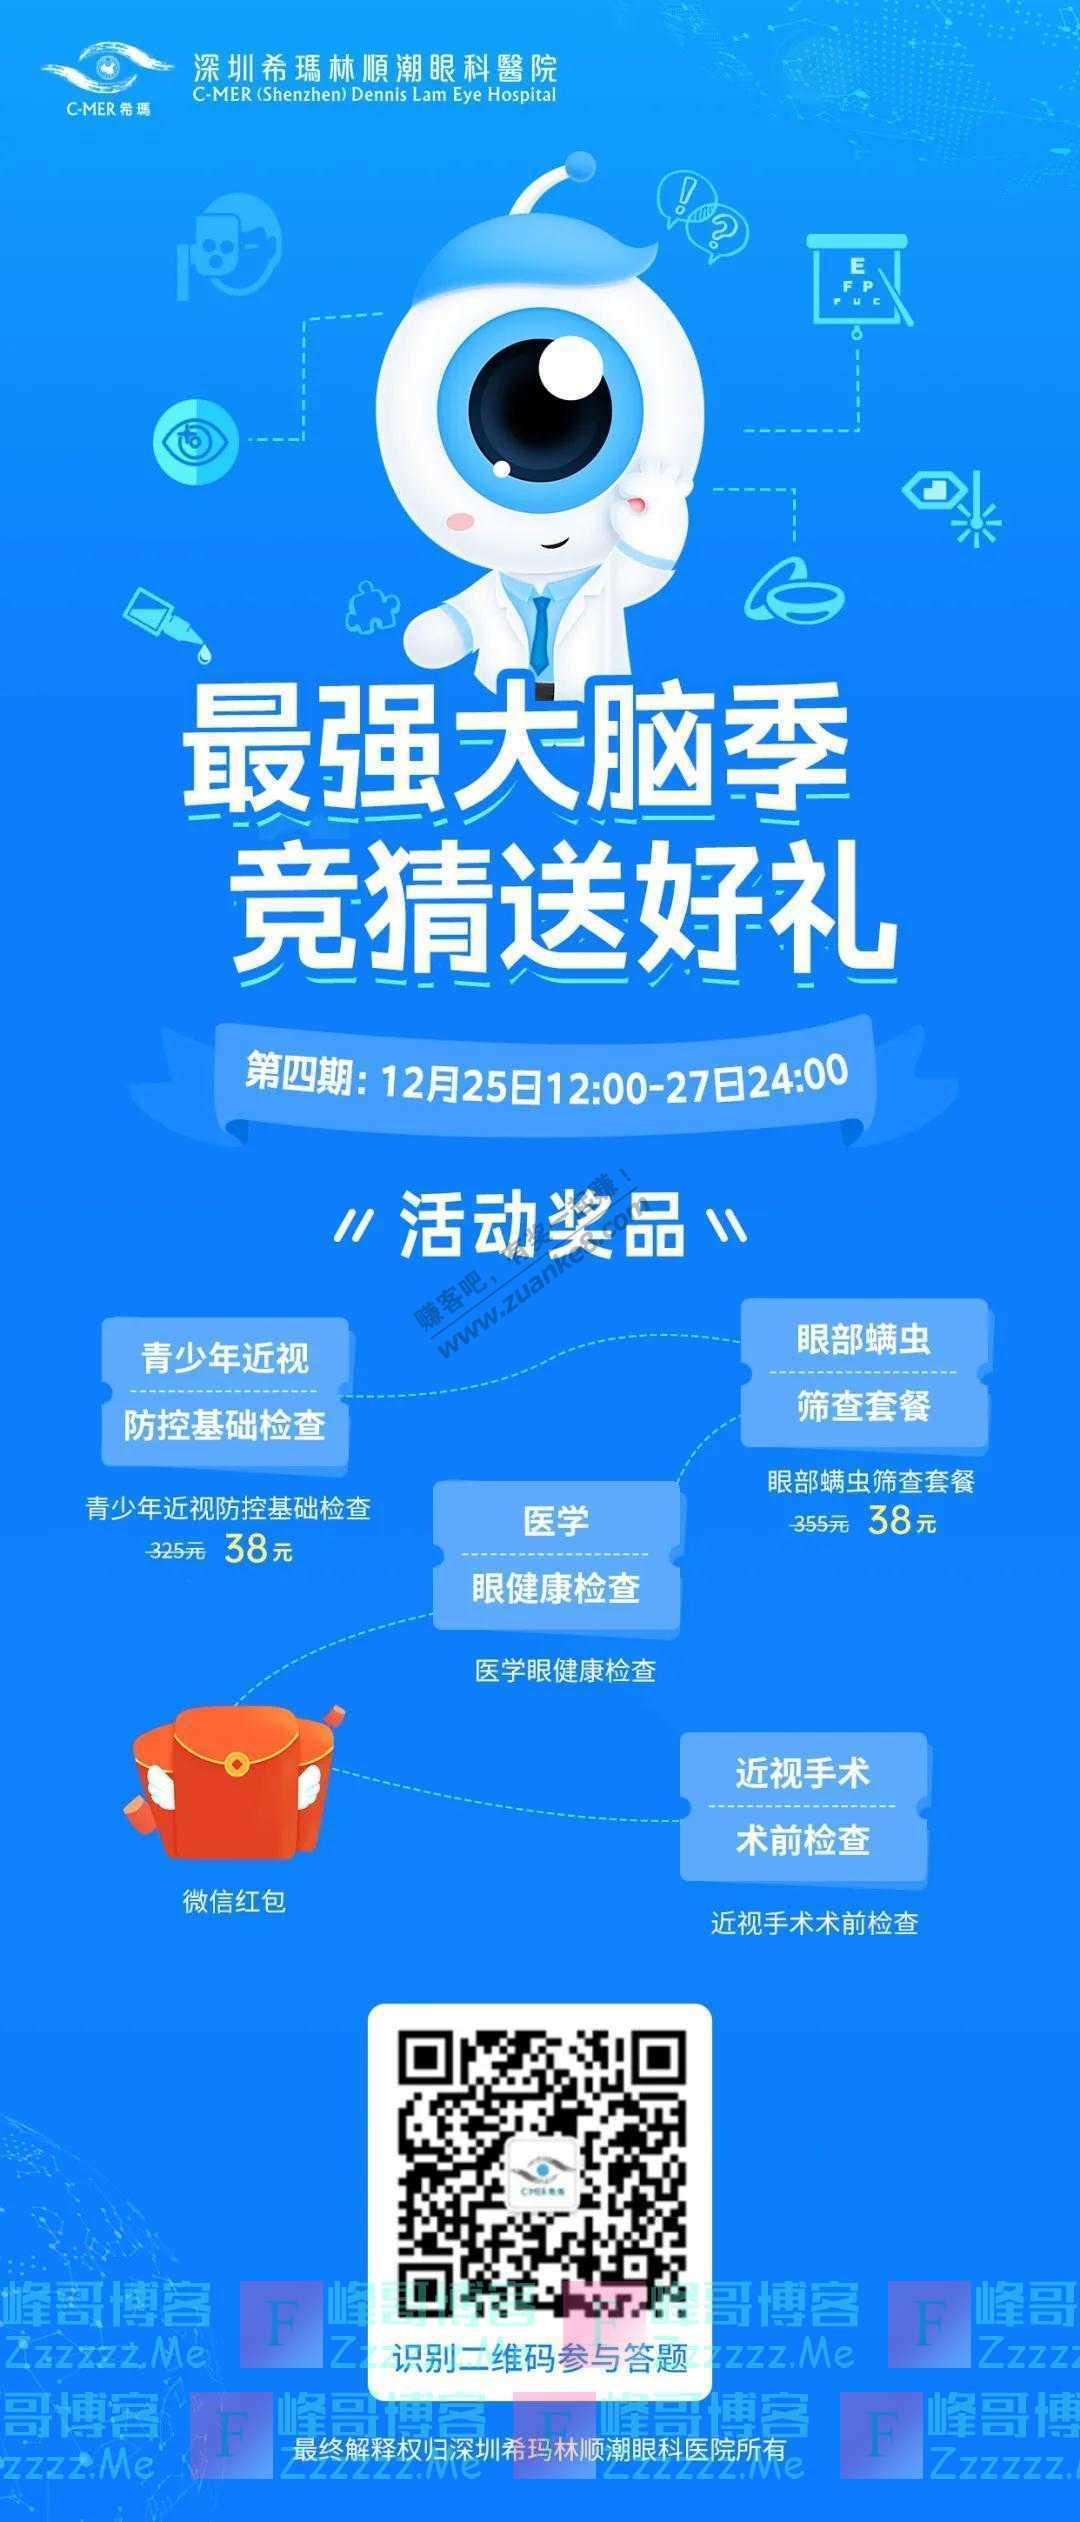 深圳希玛林顺潮眼科医院答题送红包第四期(截止12月27日)